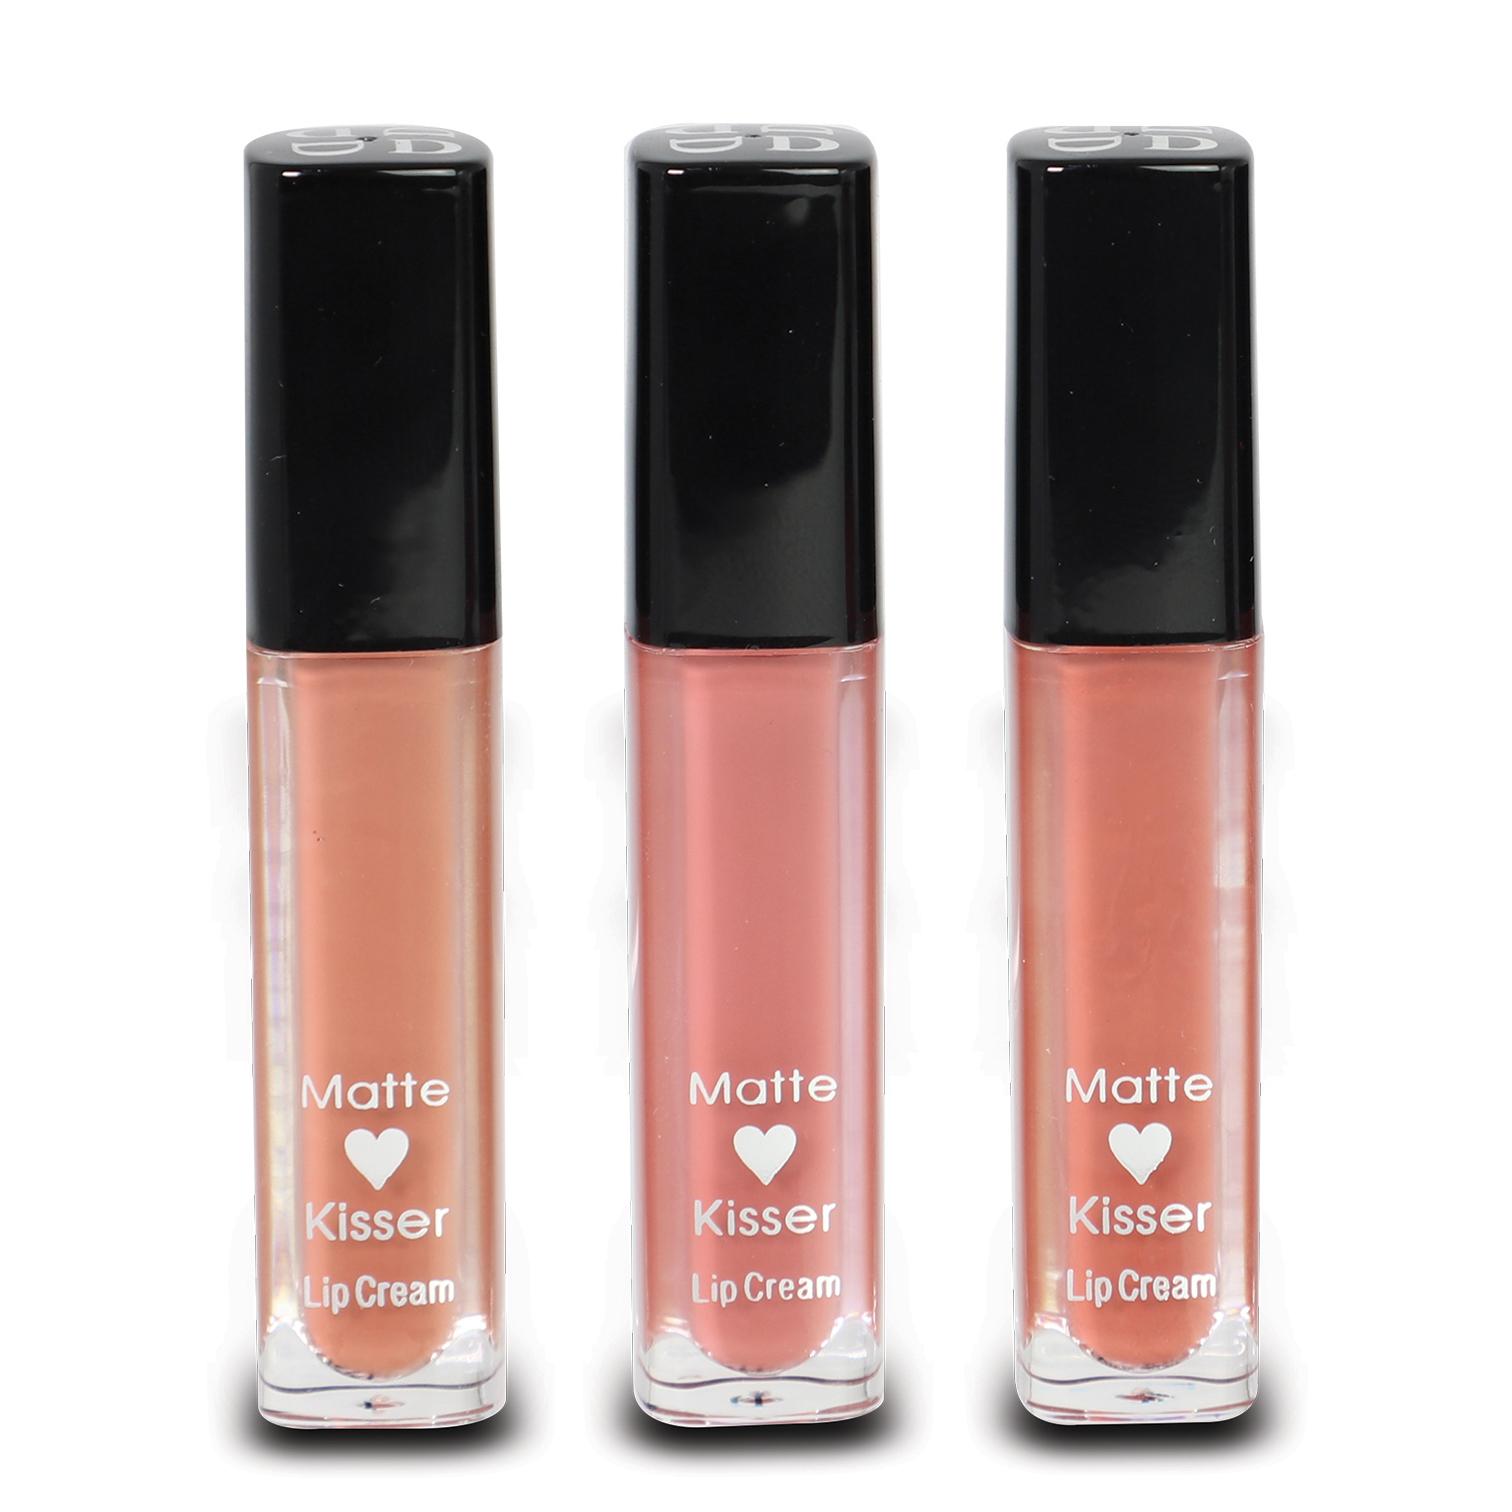 Matte Kisser Lip Cream True Cosway